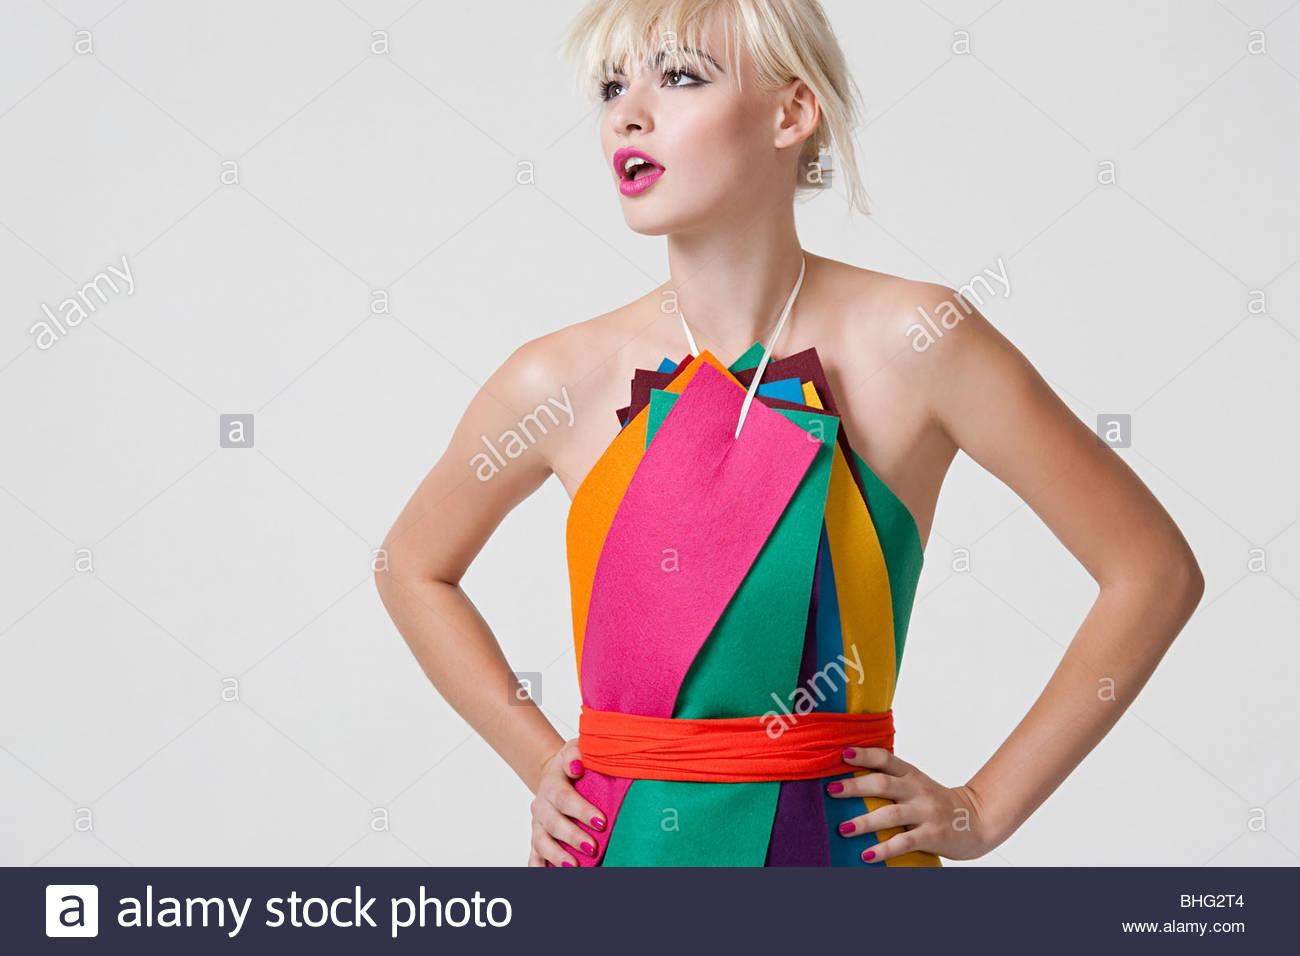 Junge Frau im Kleid aus farbigen Bändern Stockbild